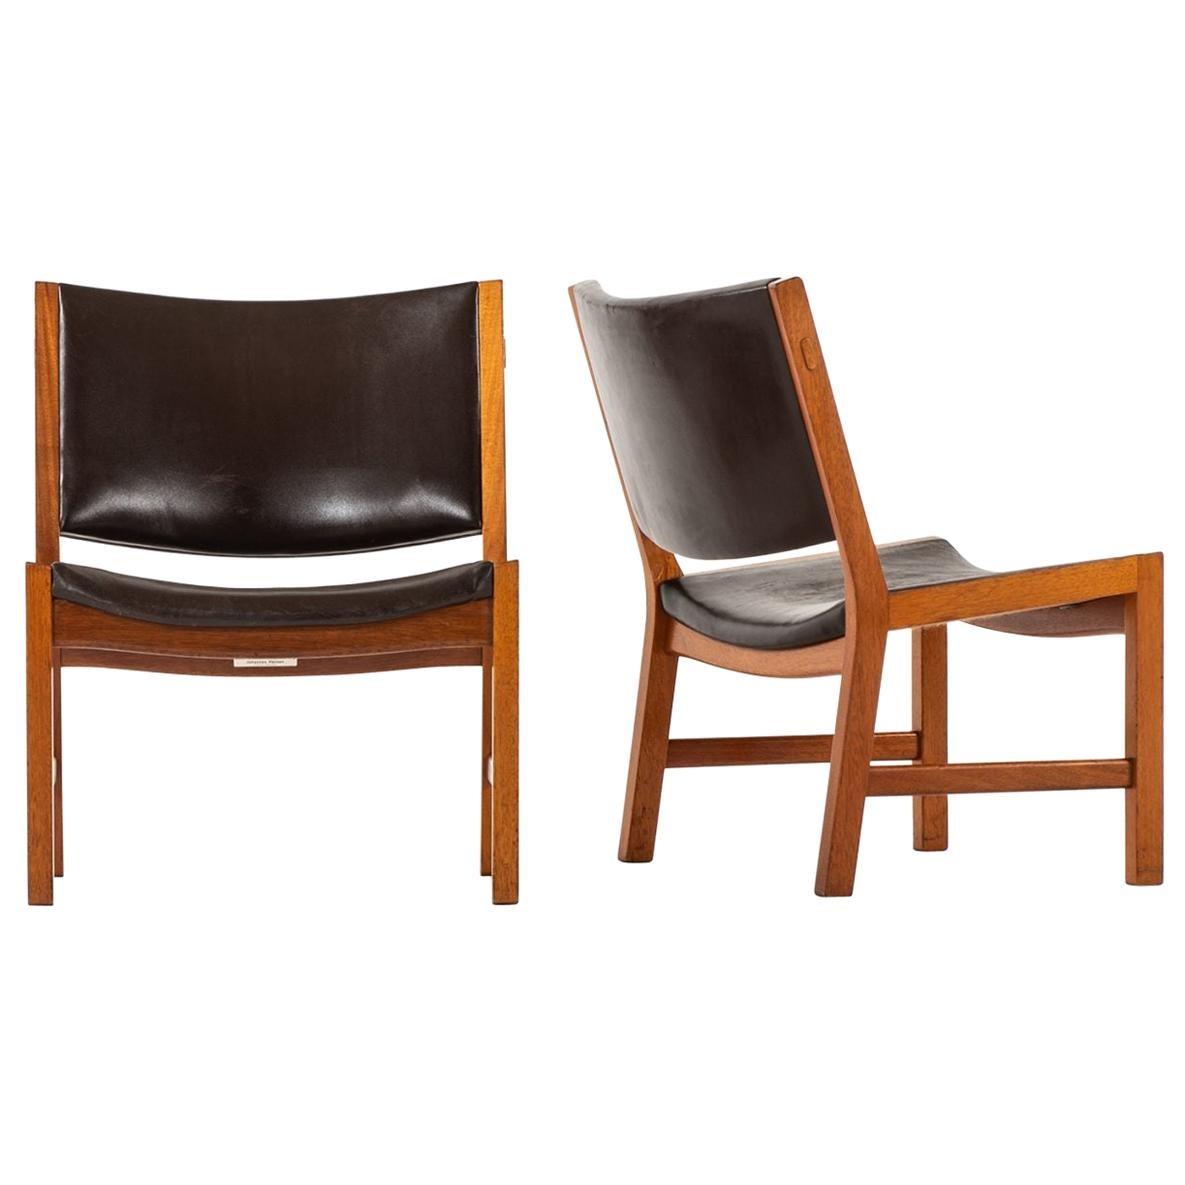 Hans Wegner Easy Chairs Model JH54 by Cabinetmaker Johannes Hansen in Denmark